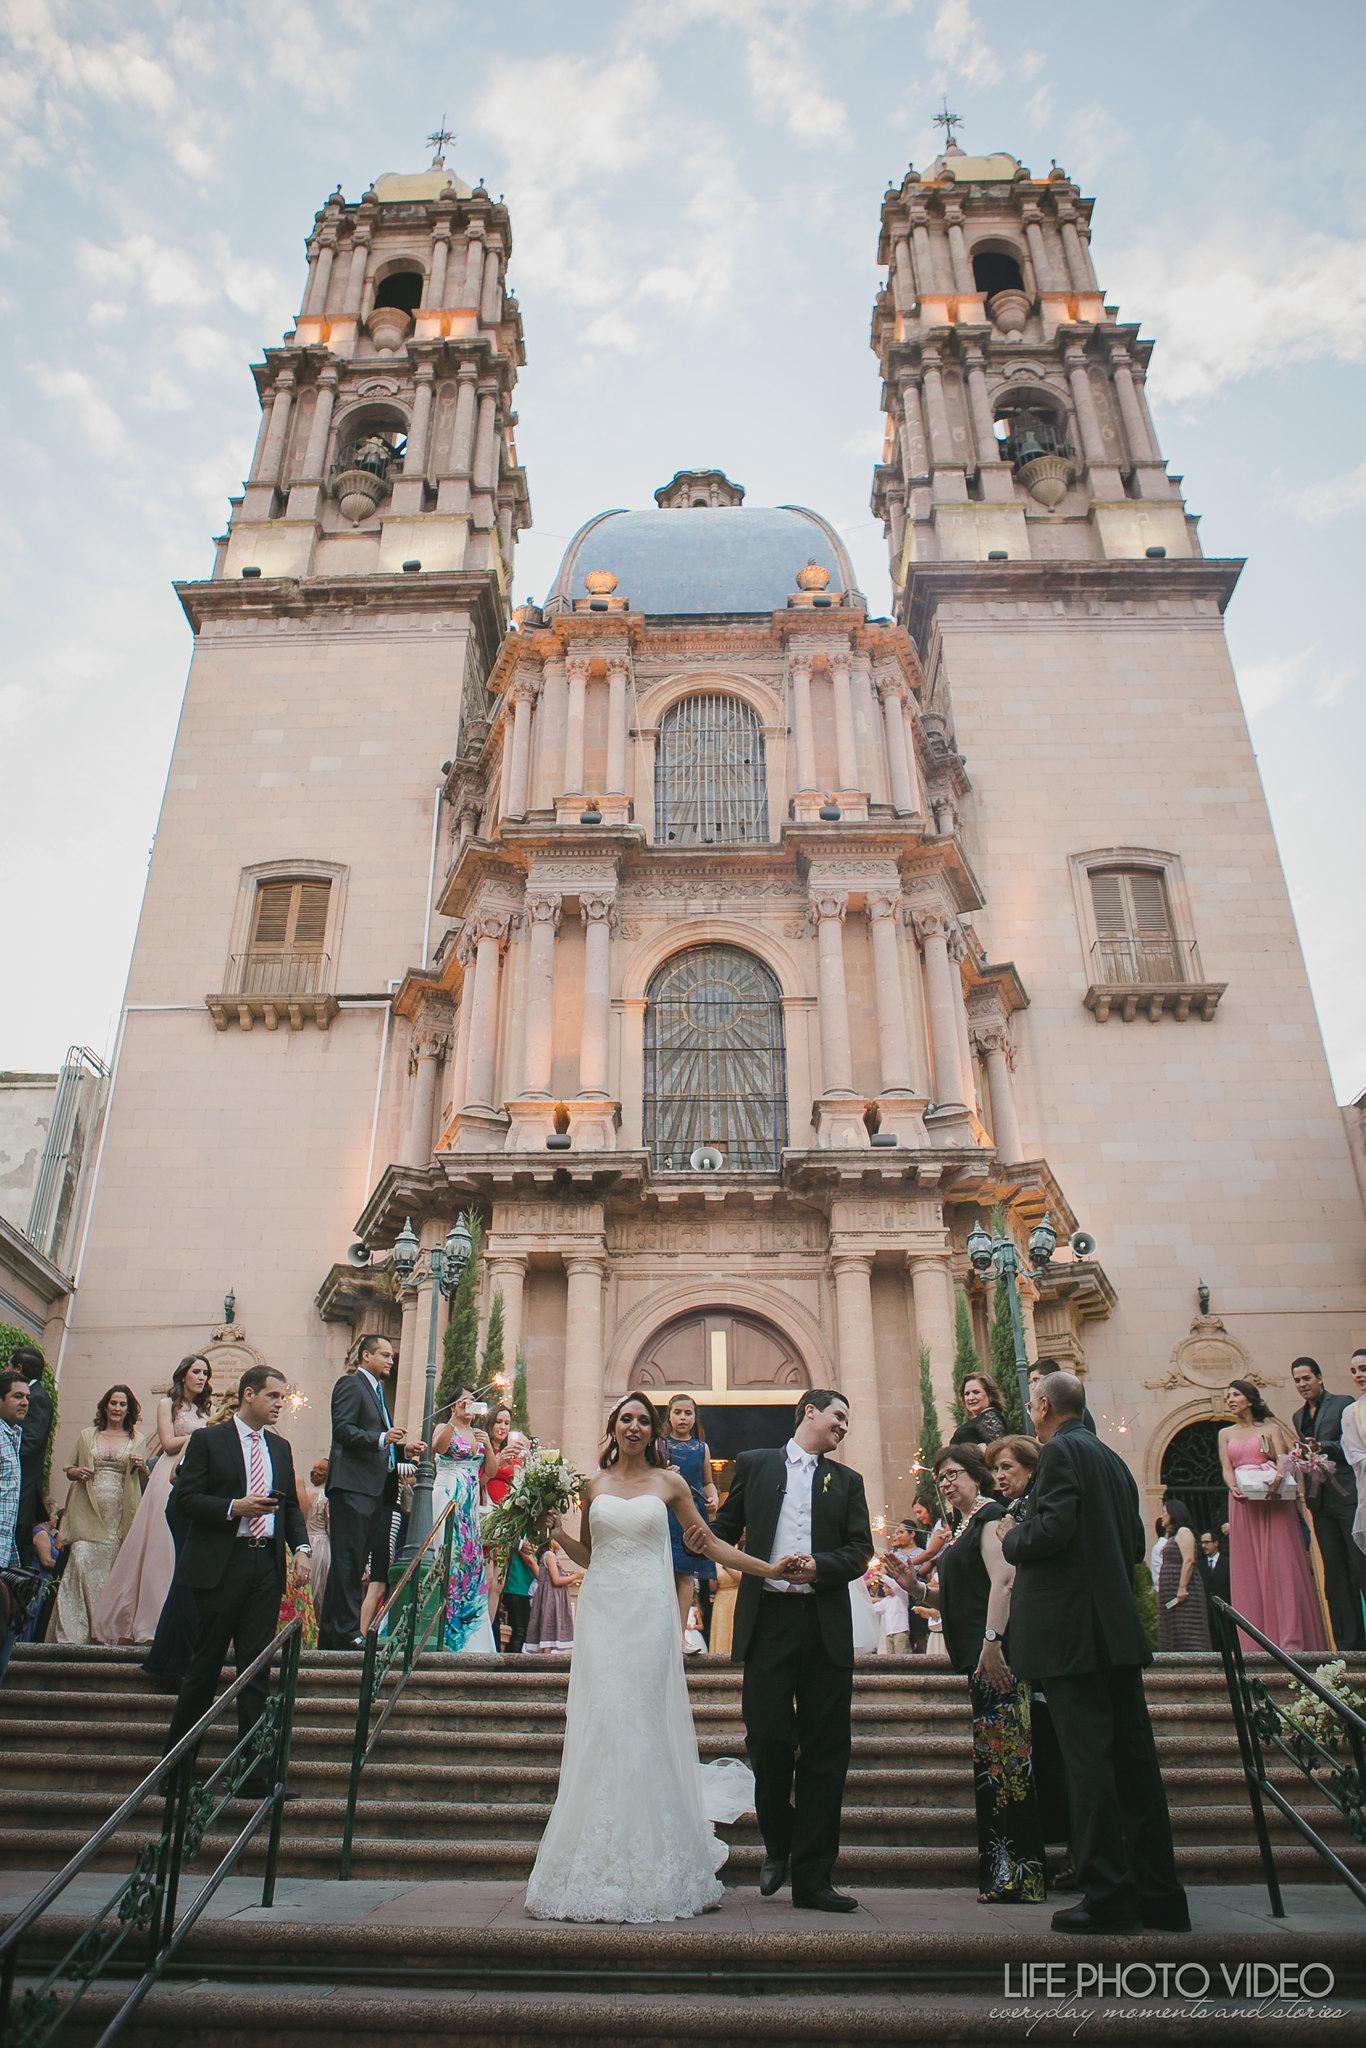 LifePhotoVideo_Boda_Leon_Guanajuato